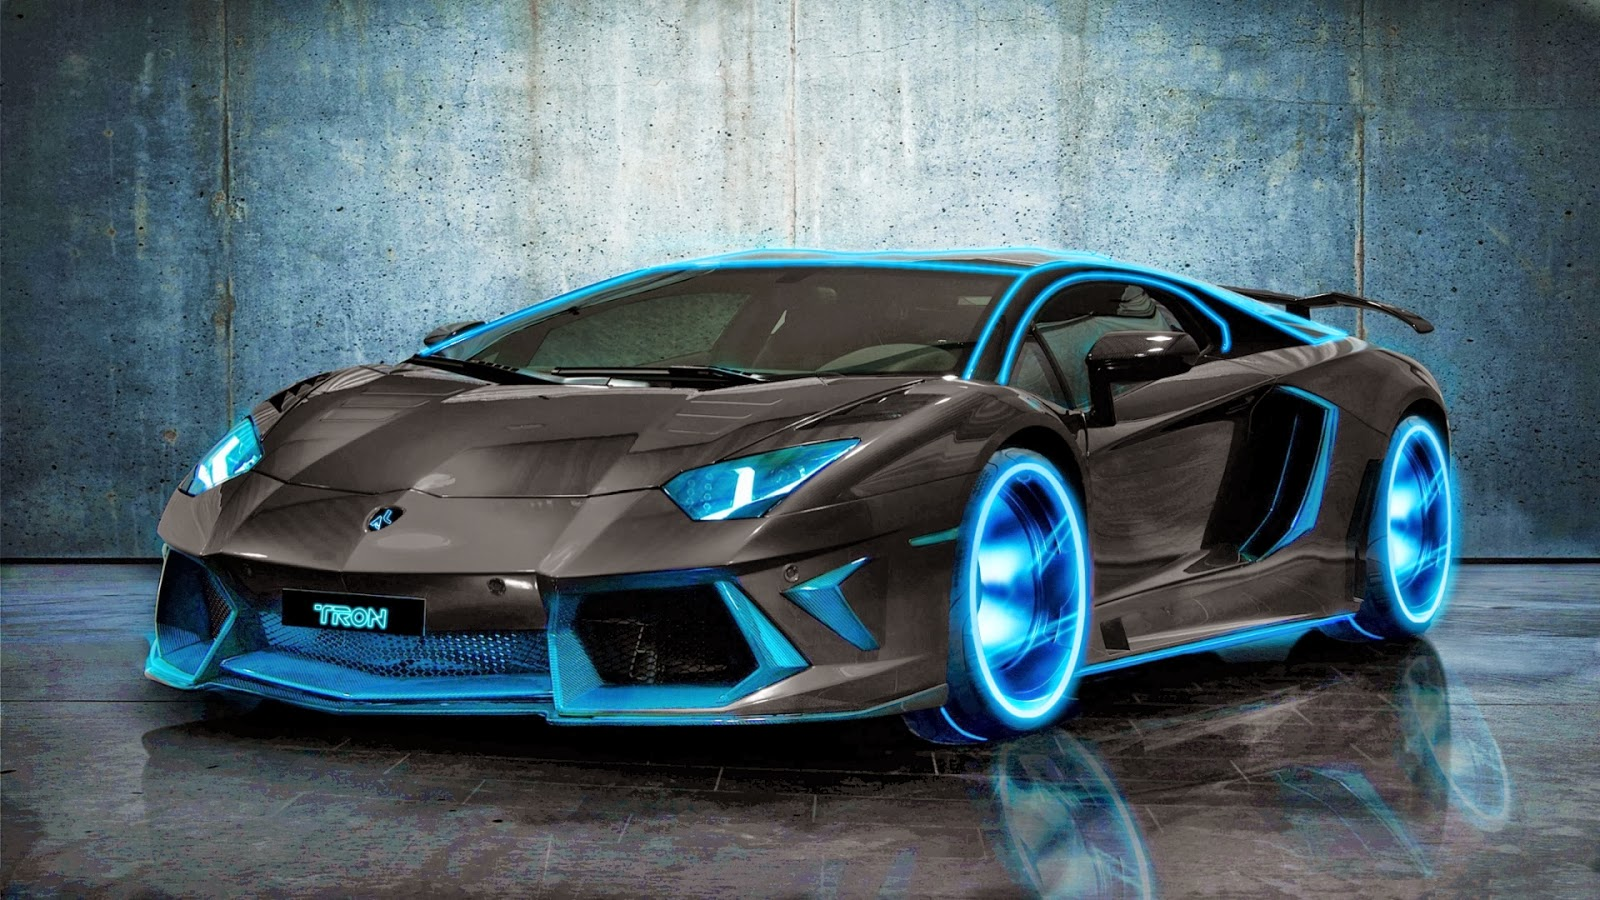 3d Wallpapers Lamborghini Wallpapers: [50+] 3D Cars HD Wallpapers On WallpaperSafari